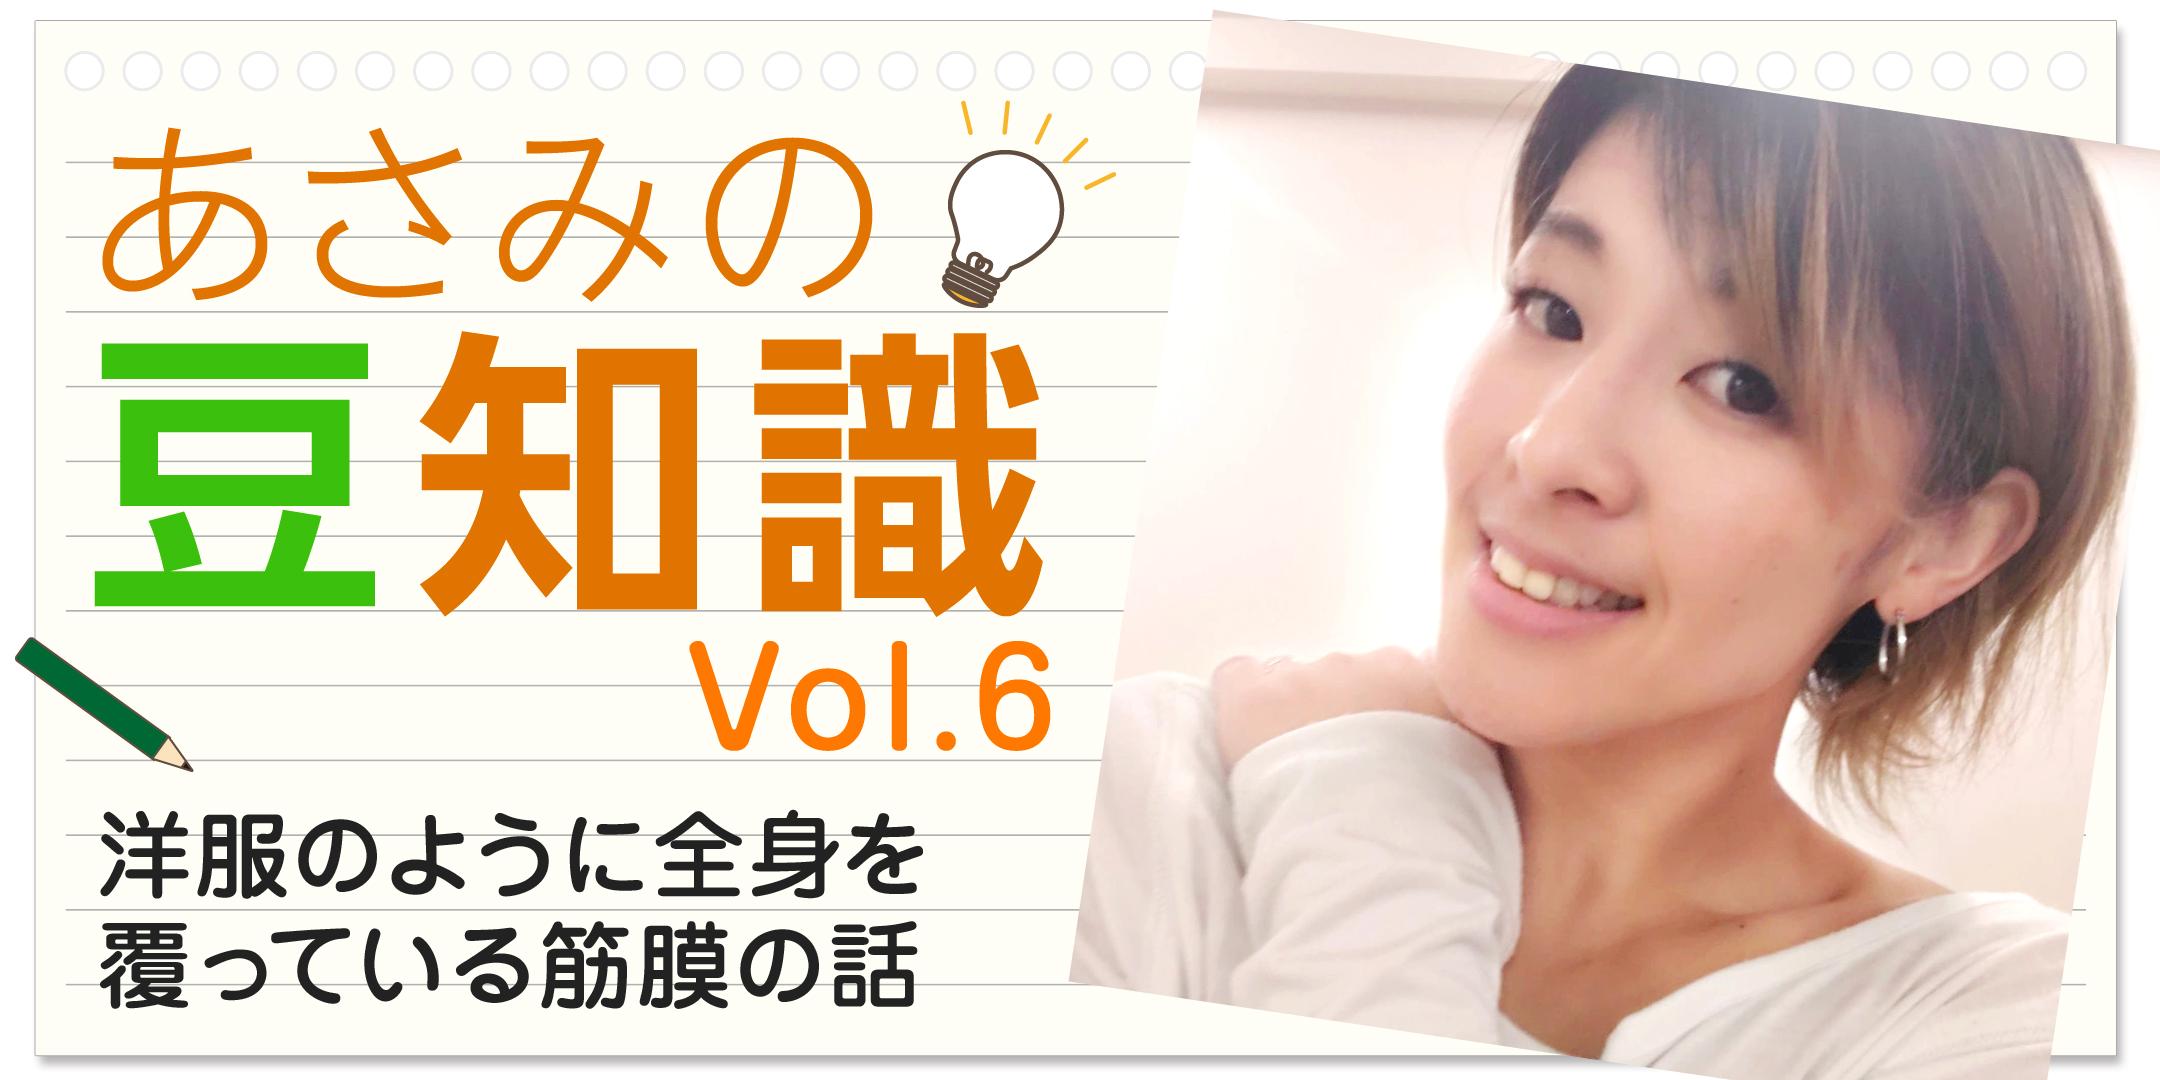 あさみの豆知識Vol.6